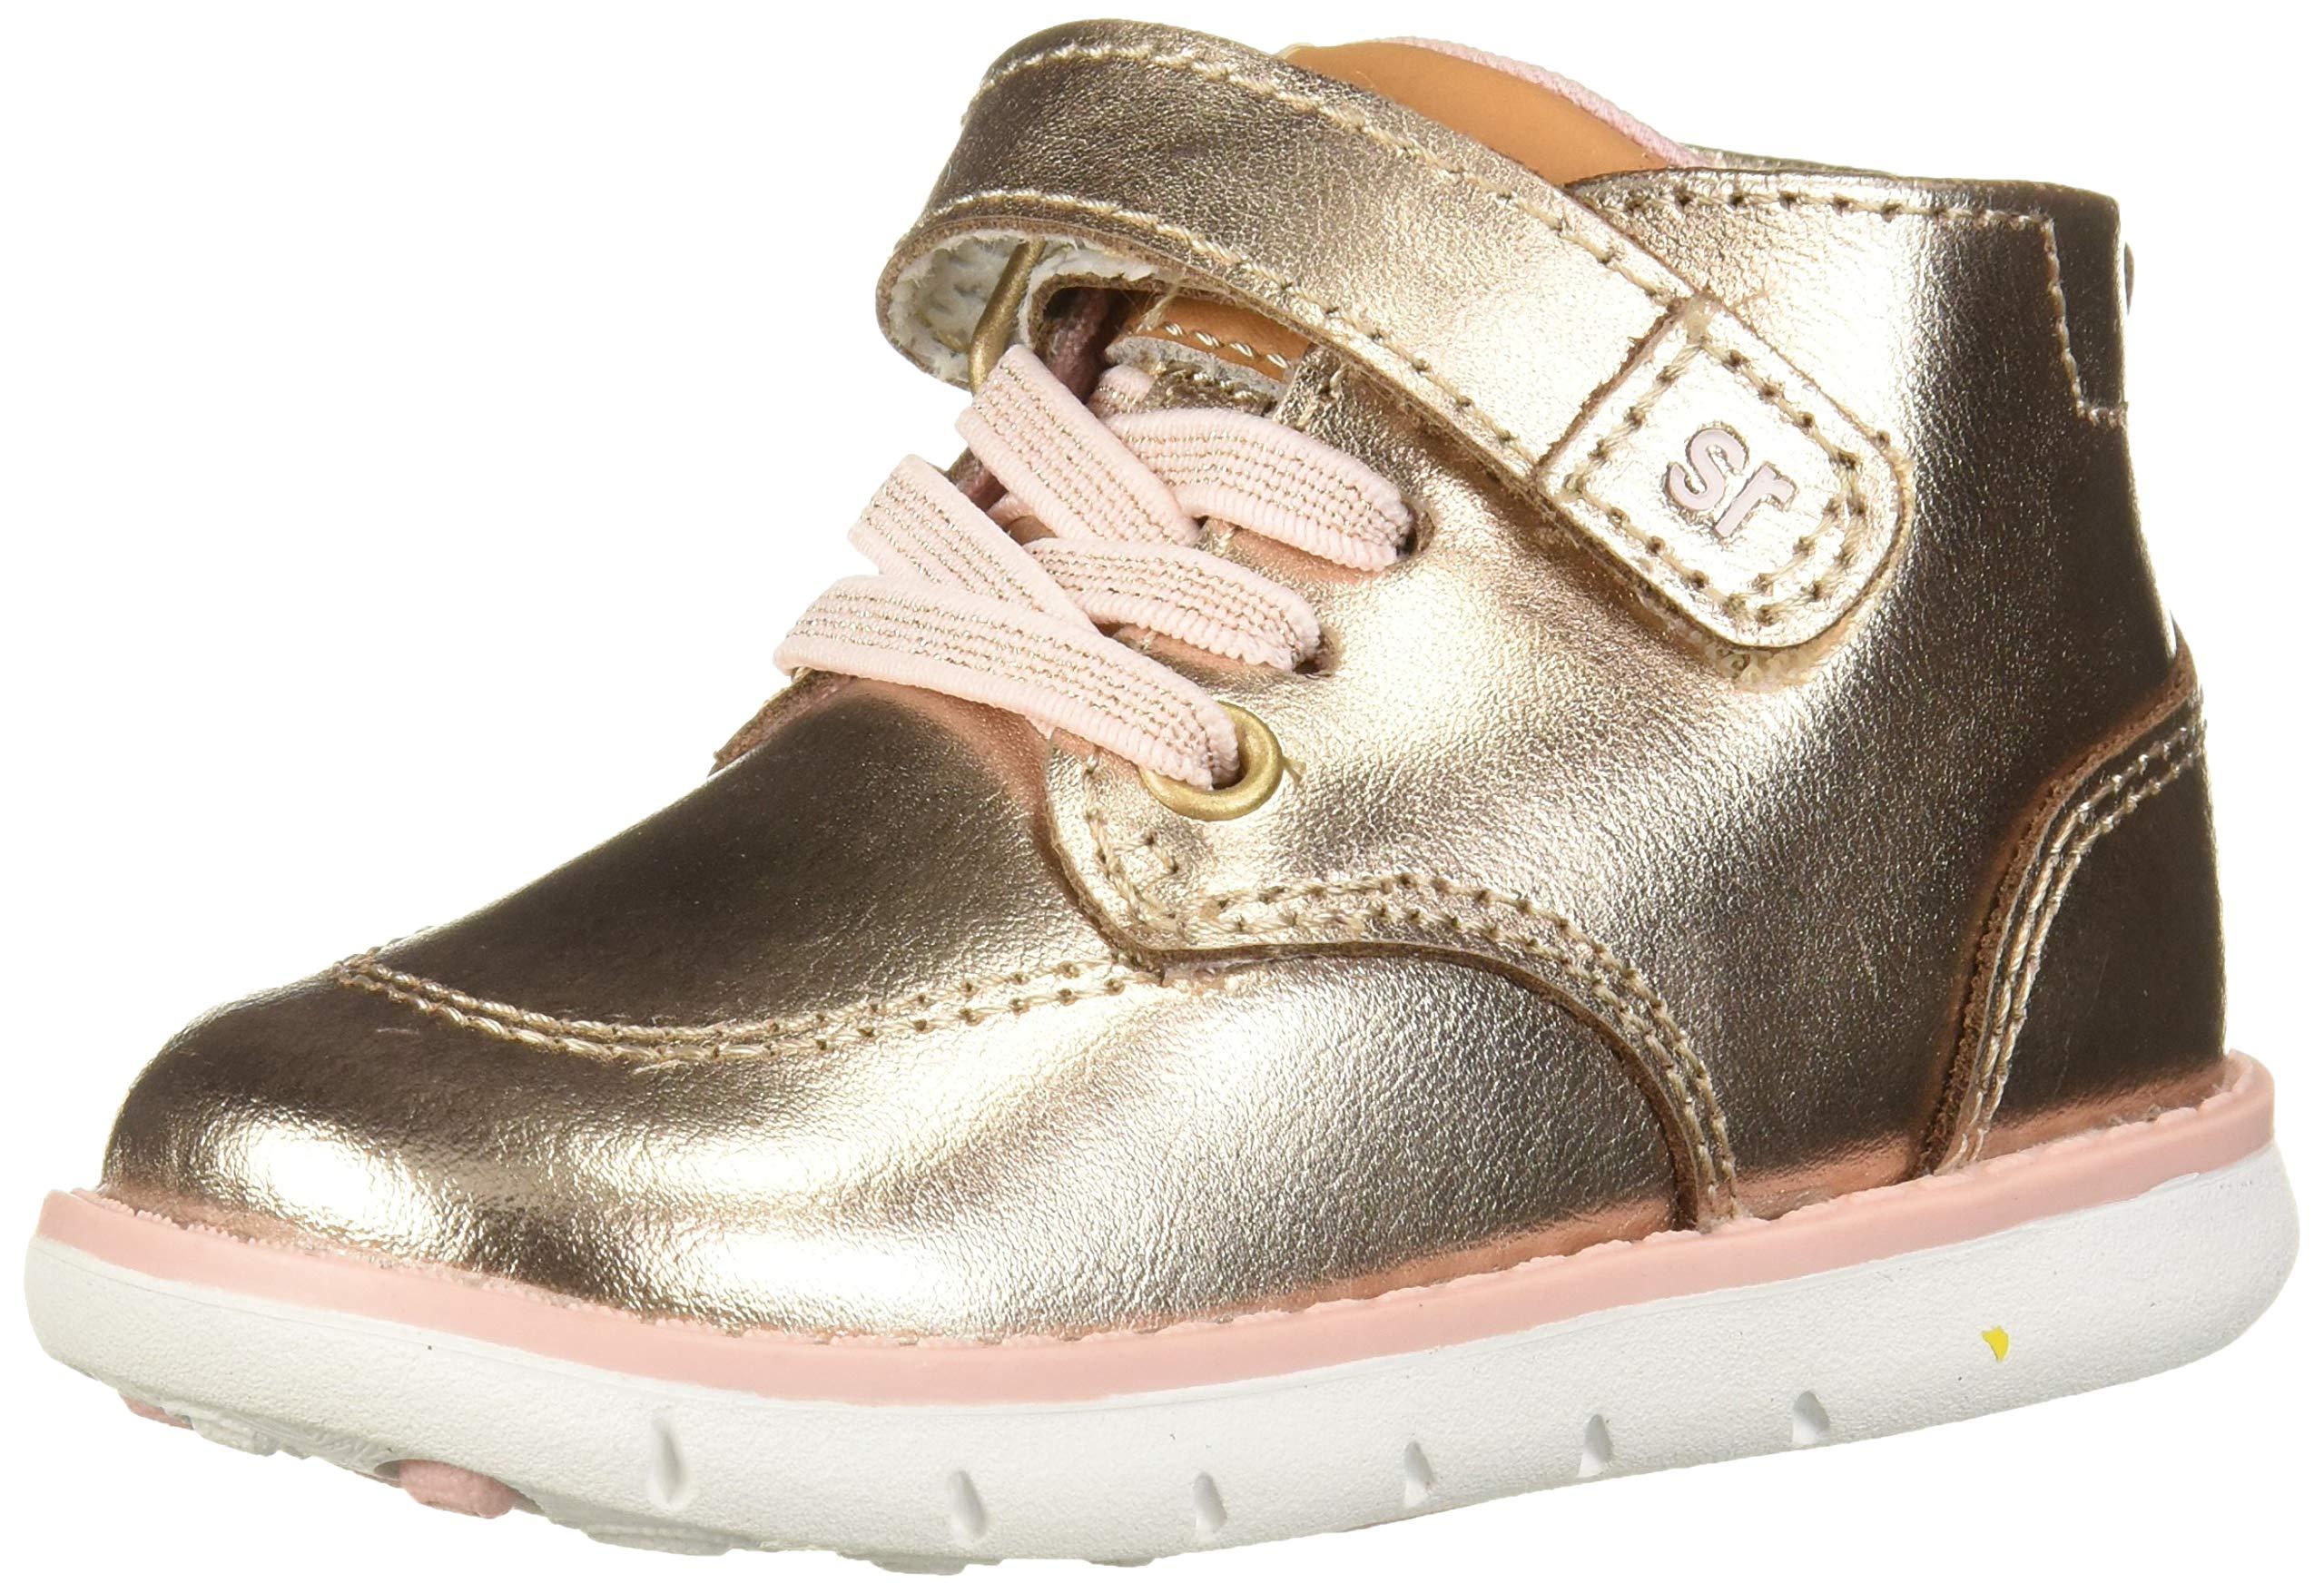 Stride Rite Boys' SRT Quinn Sneaker, Rose Gold, 6.5 W US Toddler by Stride Rite